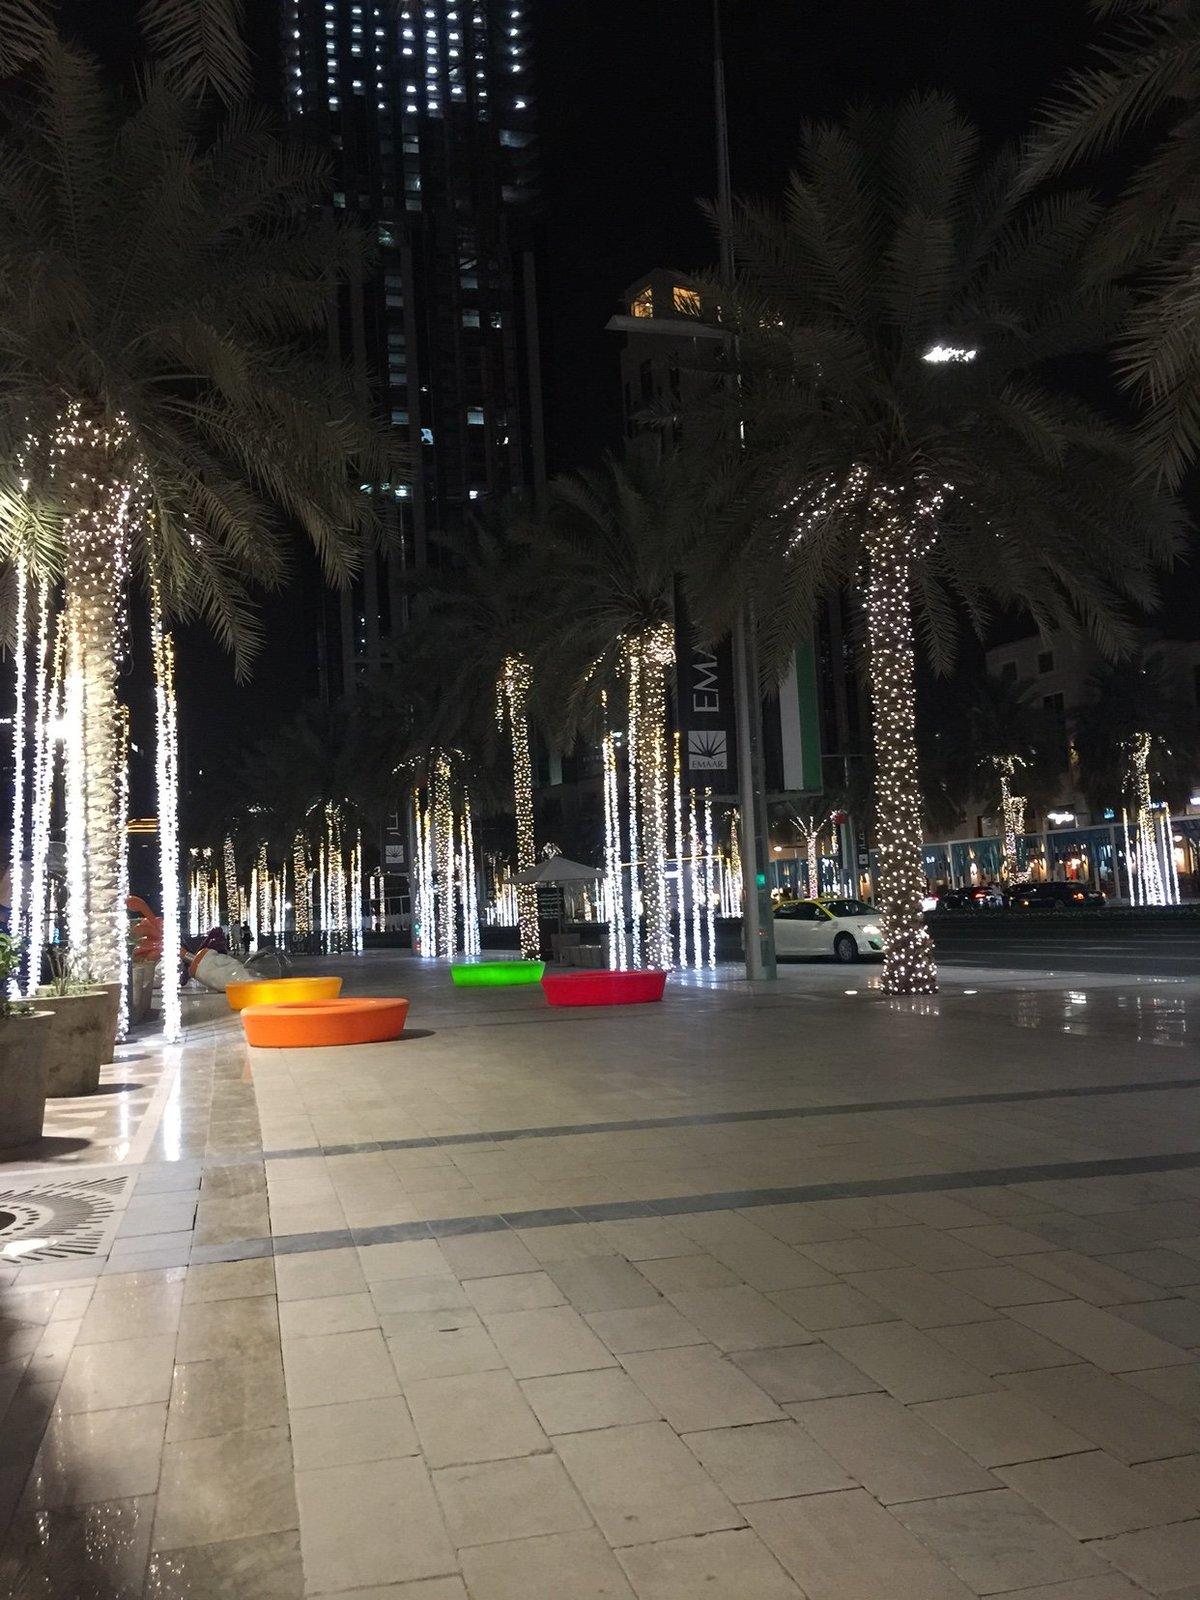 661541 المسافرون العرب دبي مدينة الجميرا